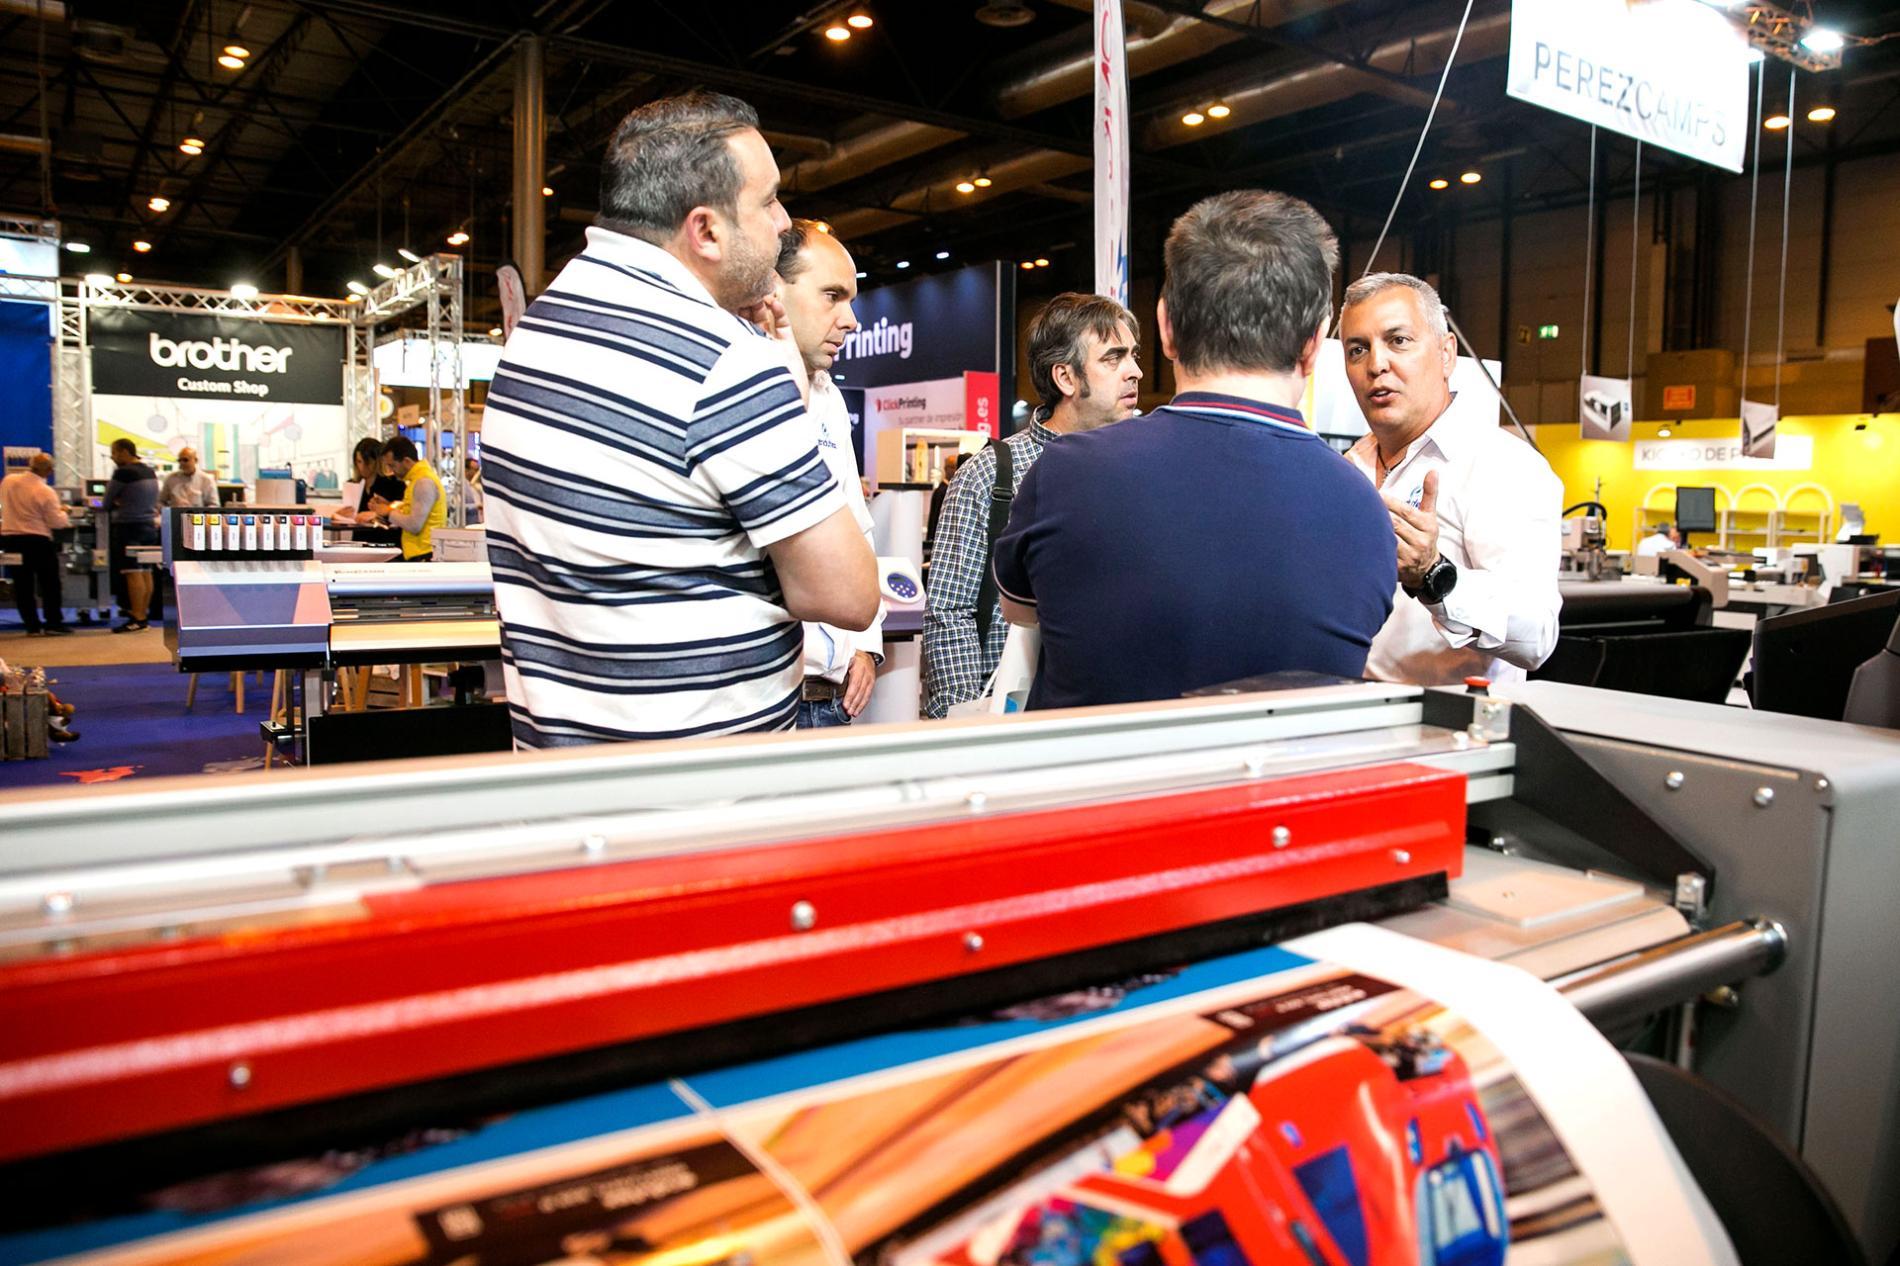 Expositores conversando tras una maquina de impresion digital